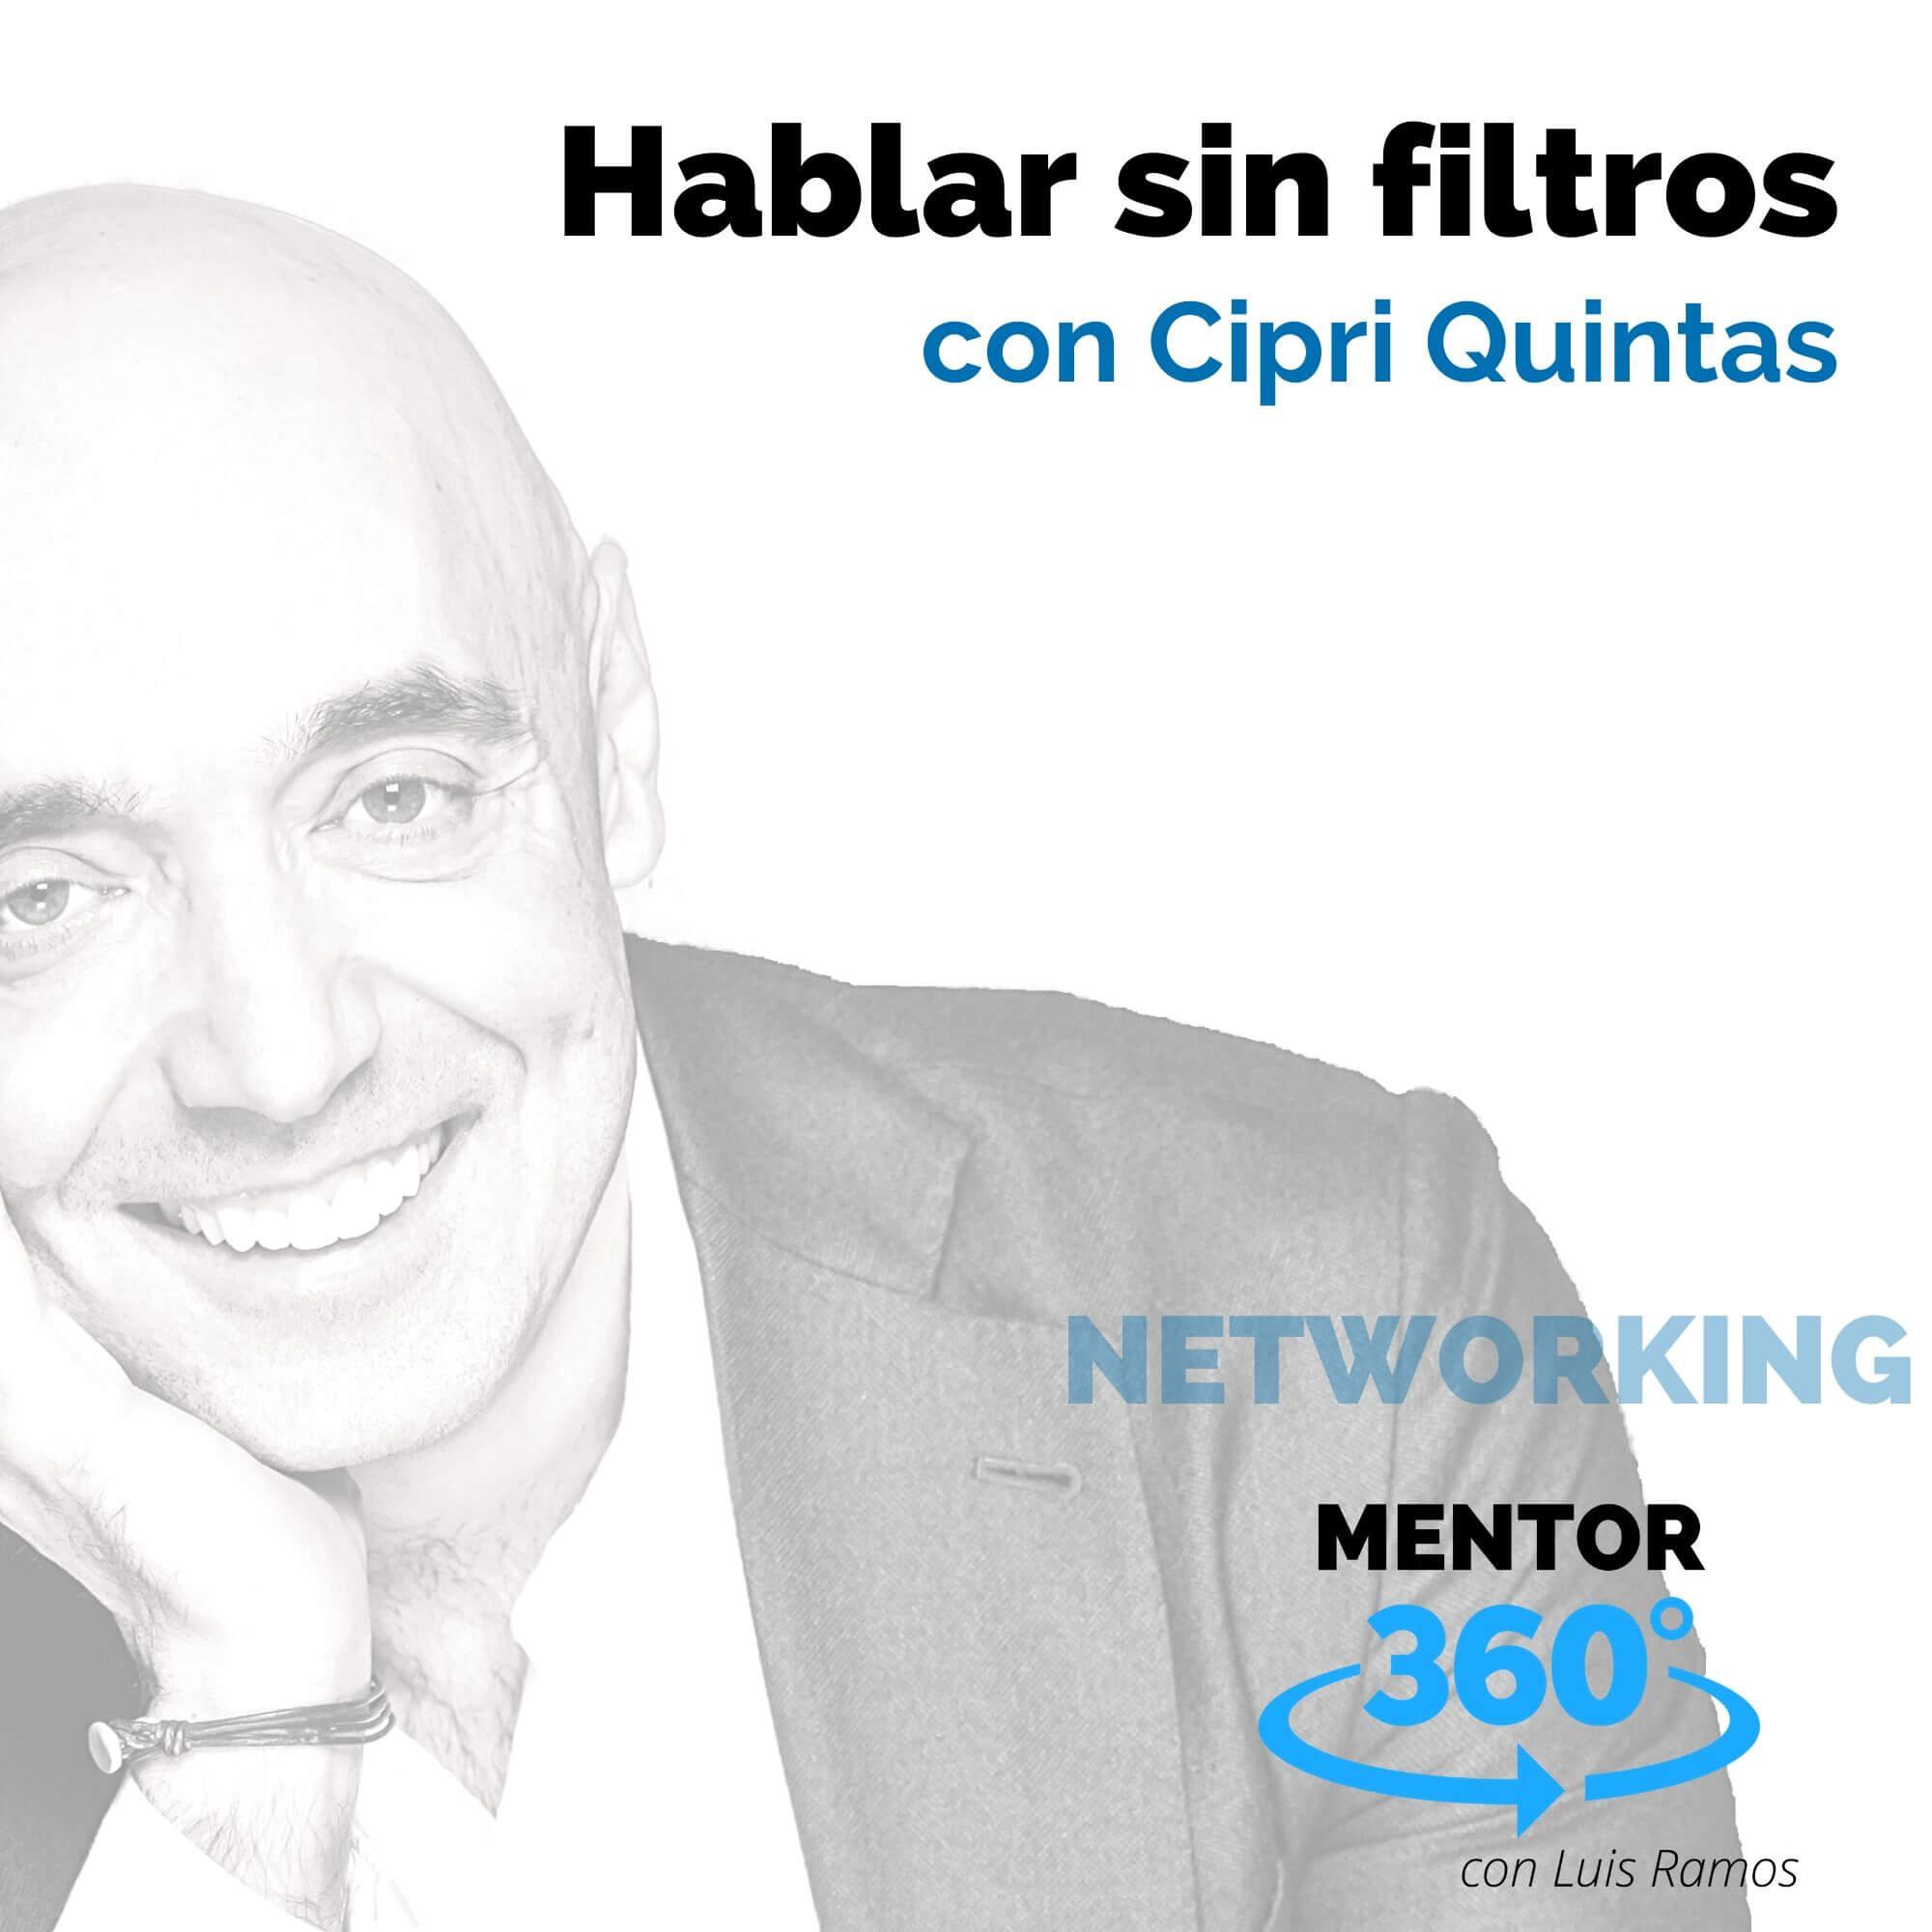 Hablar sin filtros, con Cipri Quintas - NETWORKING